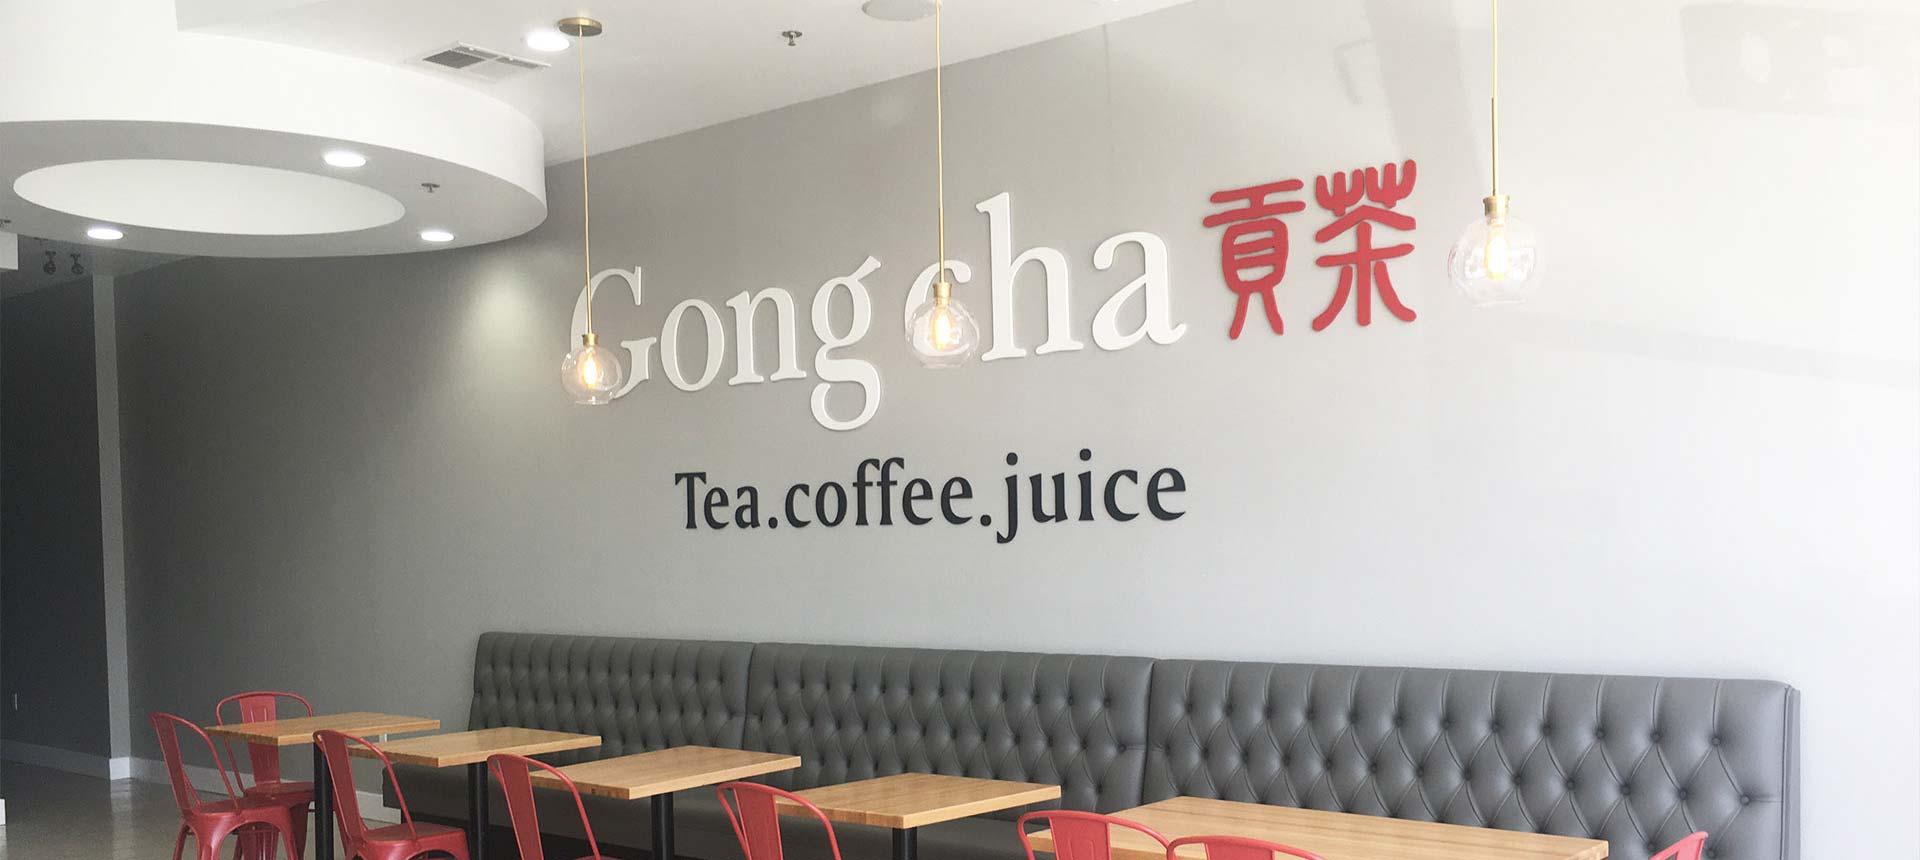 Gong cha California